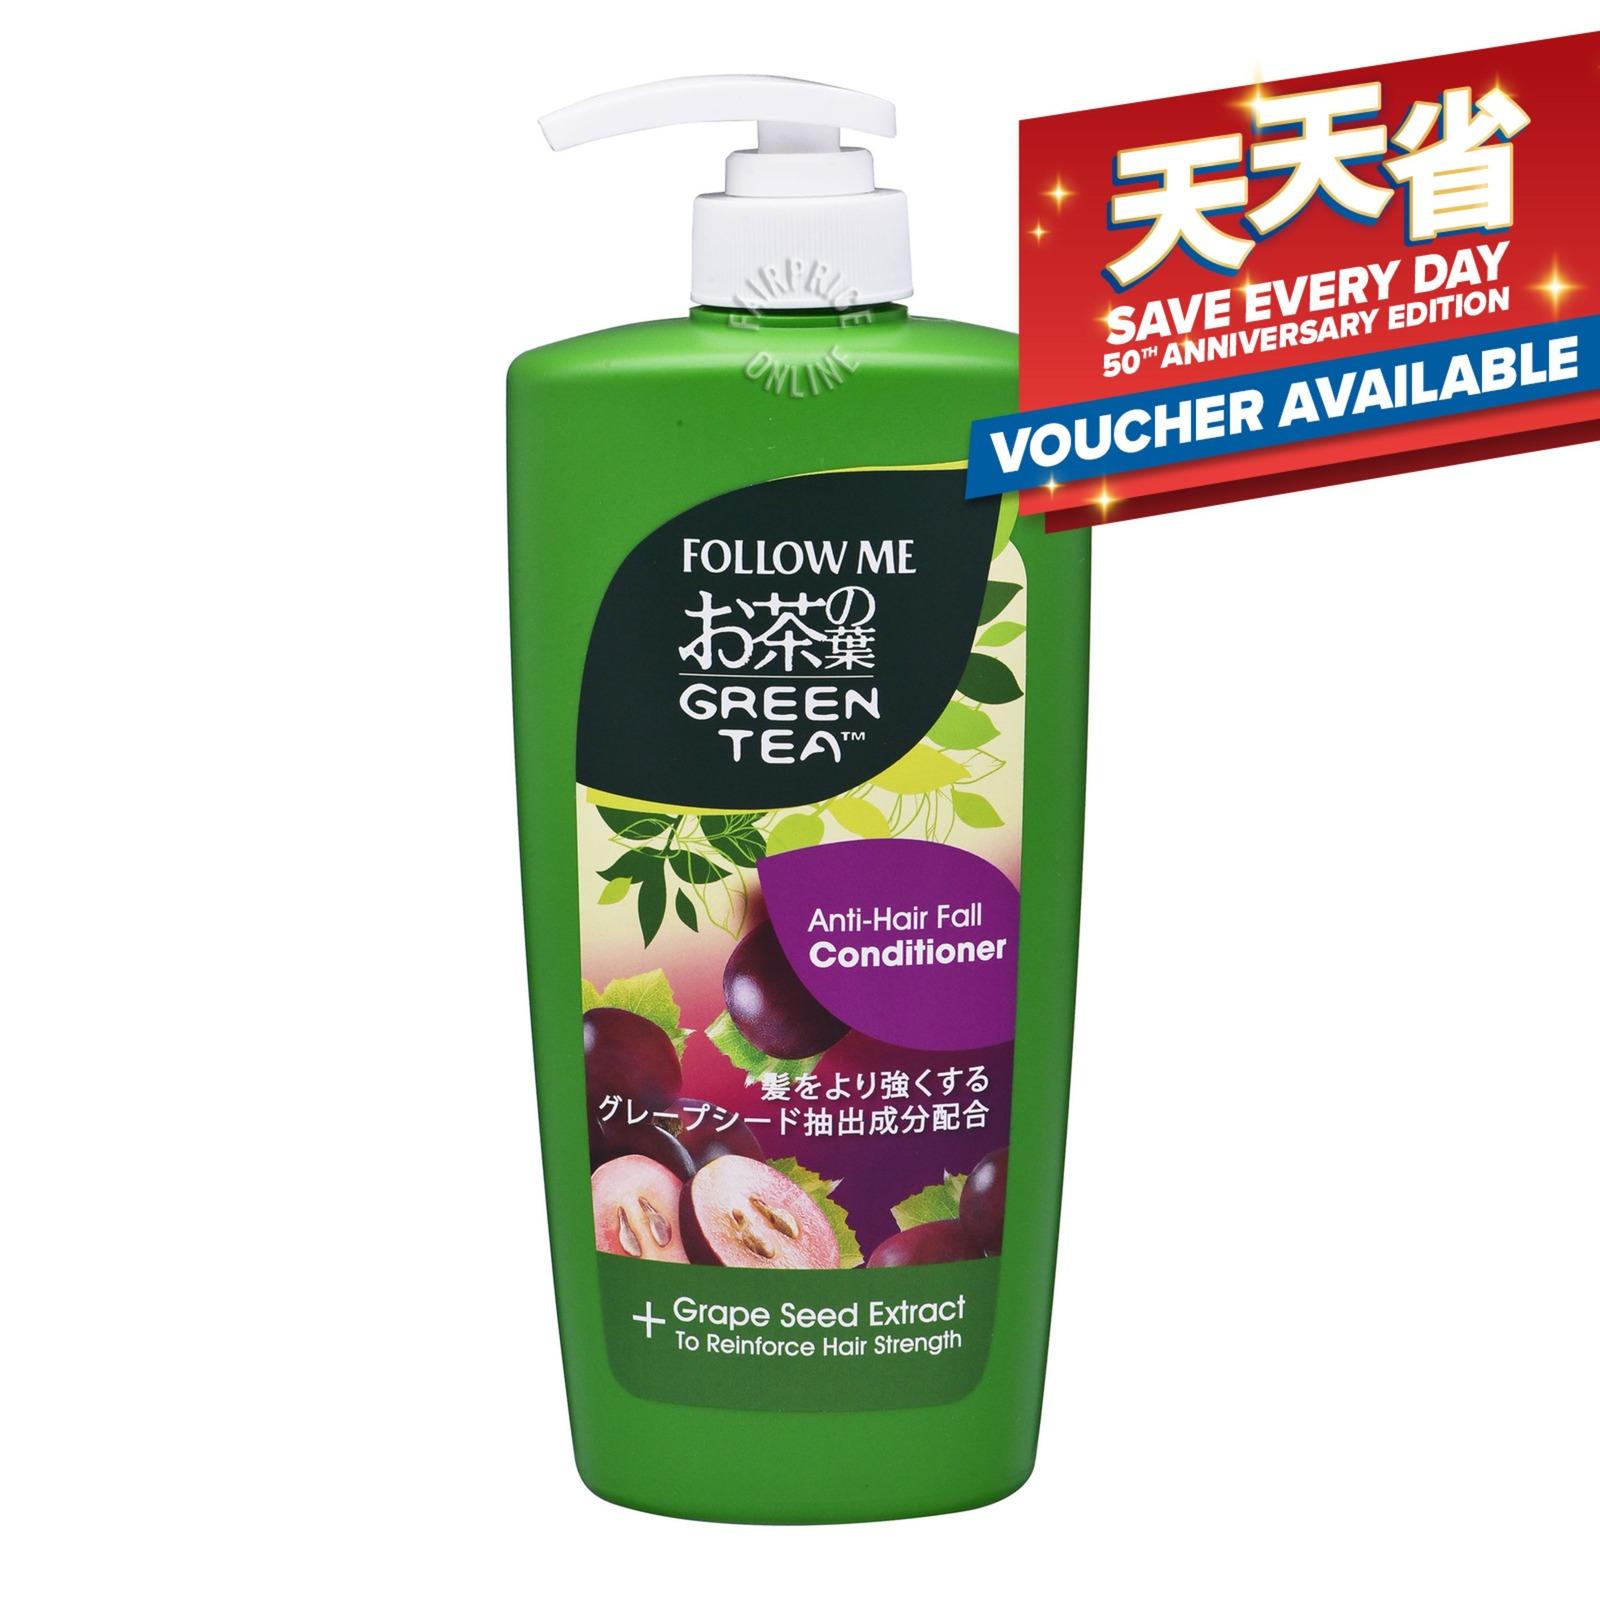 Follow Me Green Tea Conditioner - Anti-Hair Fall